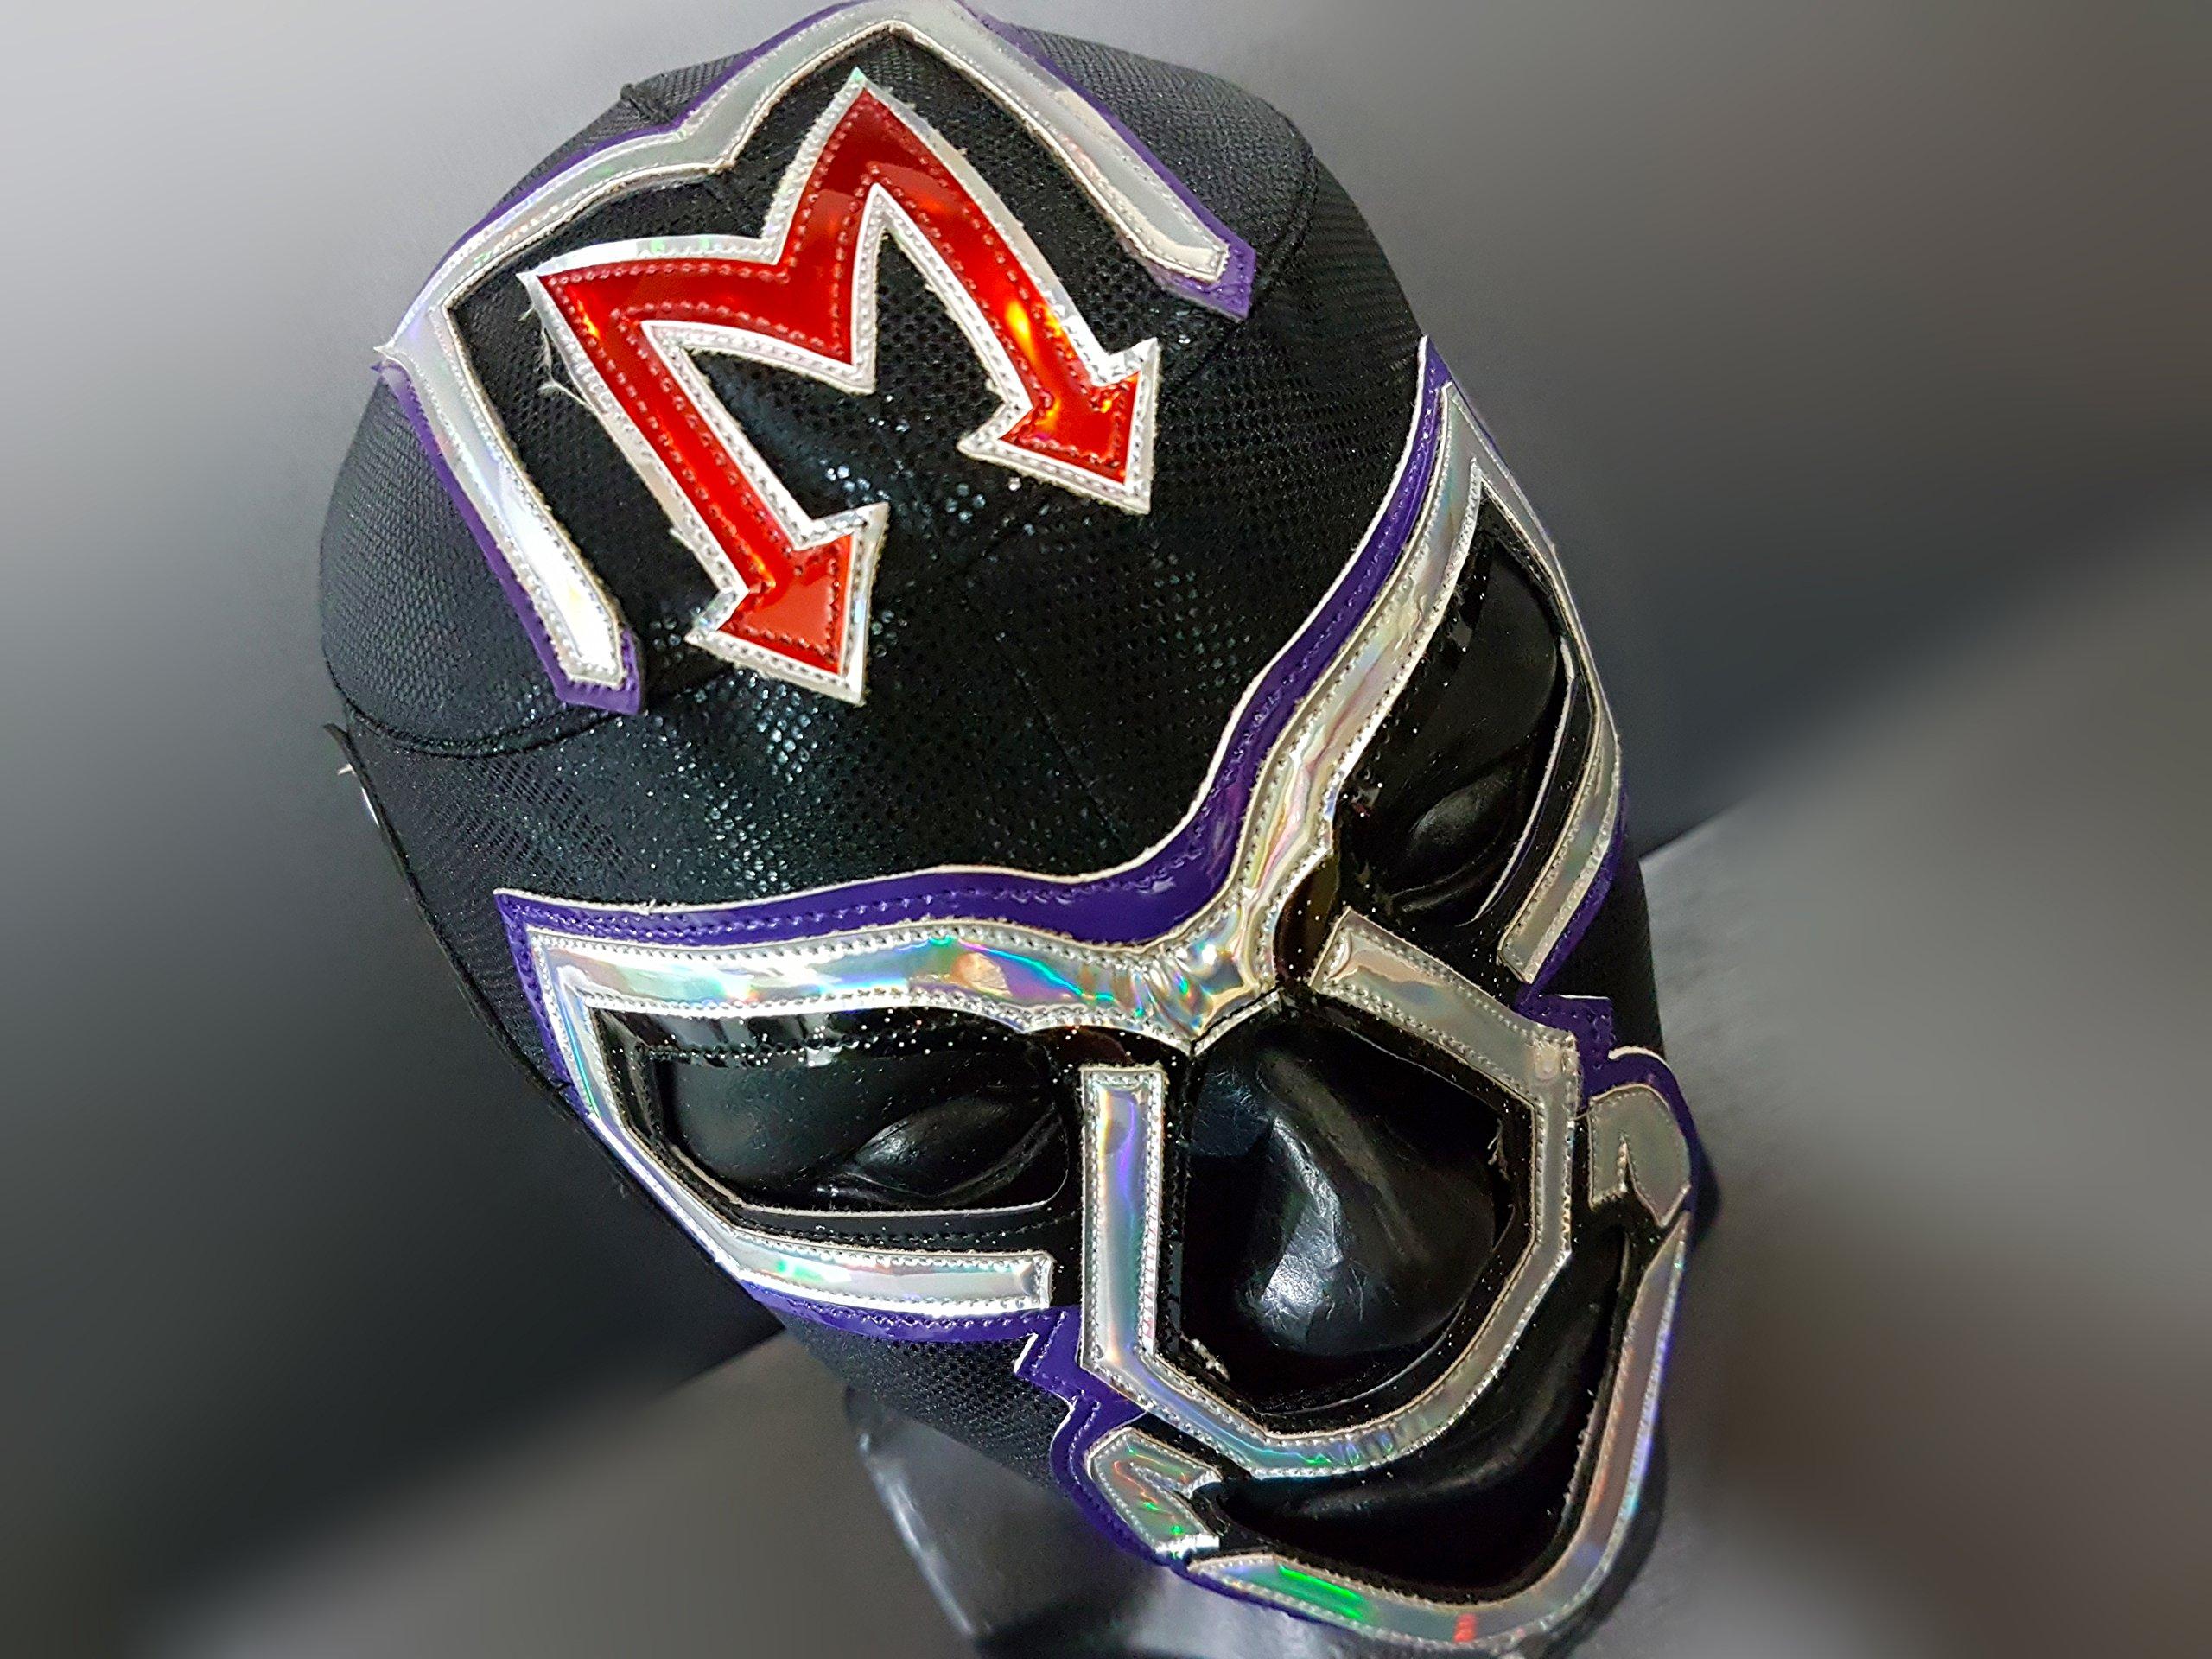 Muerte máscara de lucha libre Luchador máscara disfraz de luchador ...